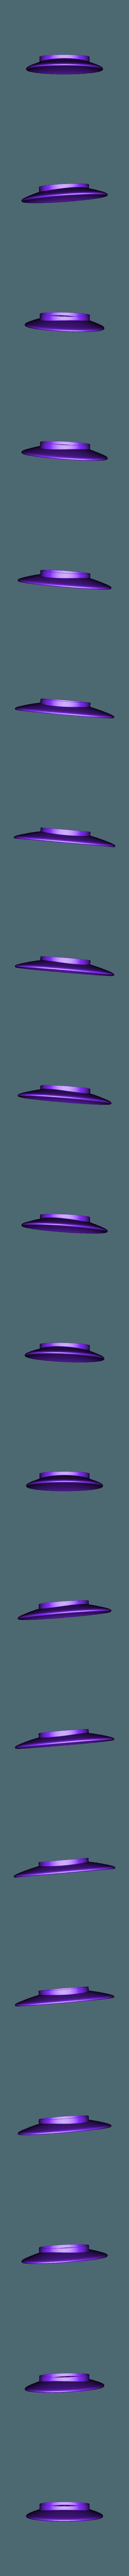 Dish_v2.stl Télécharger fichier STL gratuit Porte-savon • Objet imprimable en 3D, VICLER